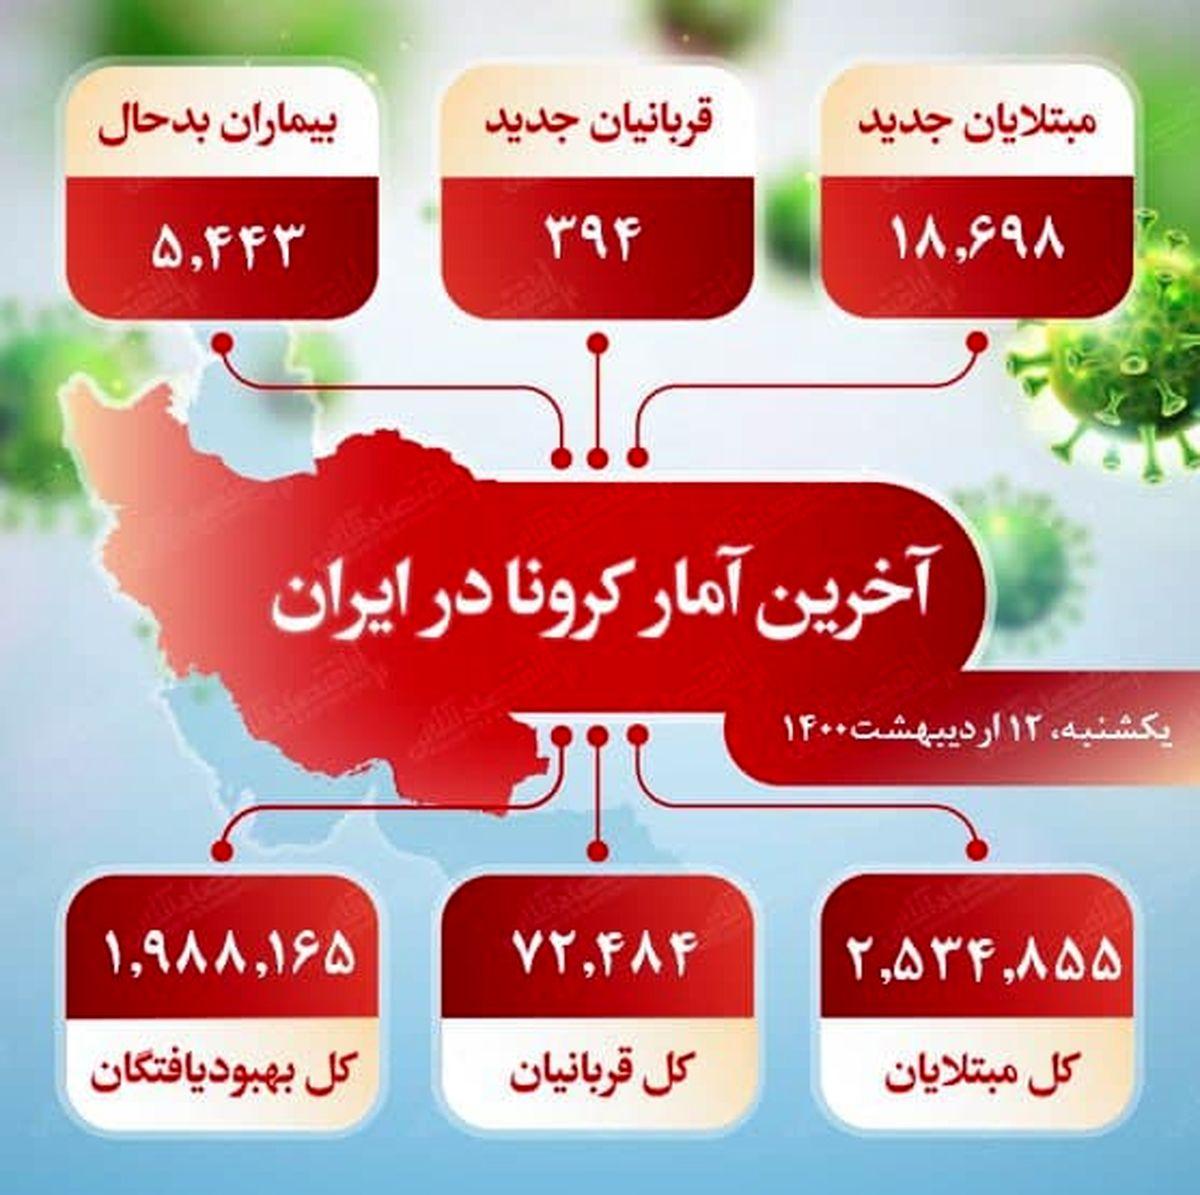 آخرین آمار کرونا در ایران (۱۴۰۰/۲/۱۲)